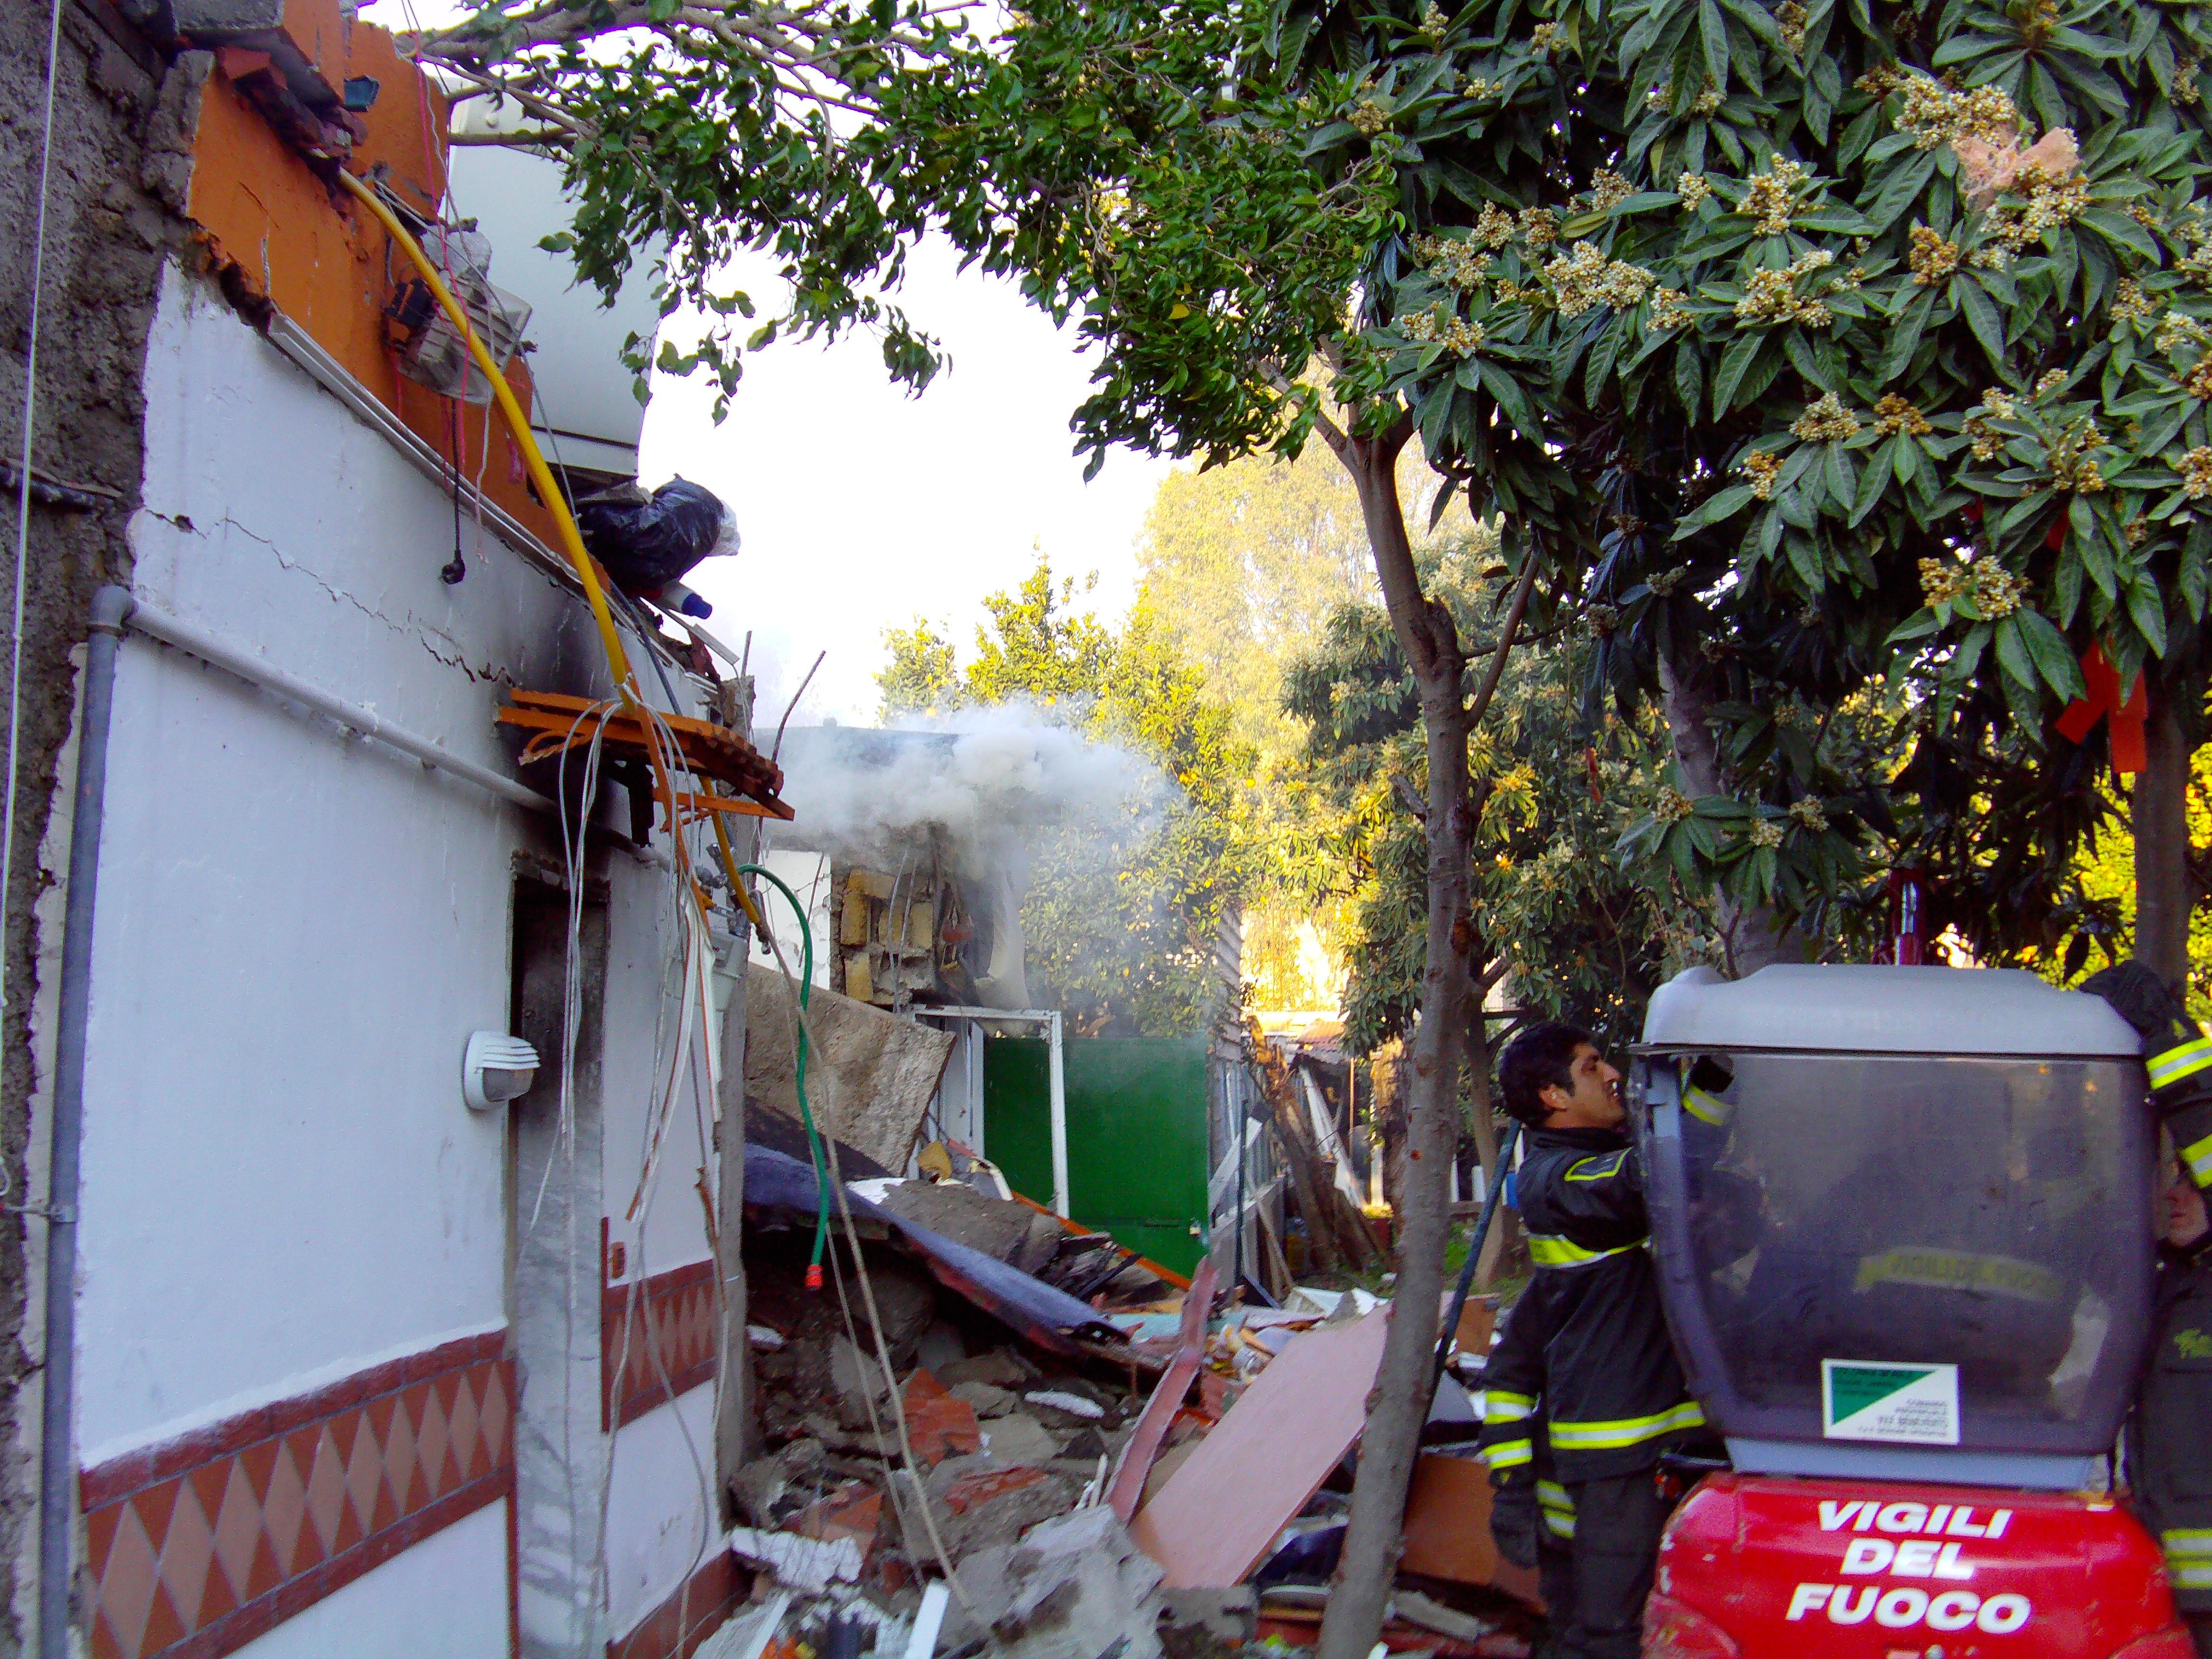 Esplosione a Fuorigrotta in Via Consalvo. Video, immagini ed interviste.